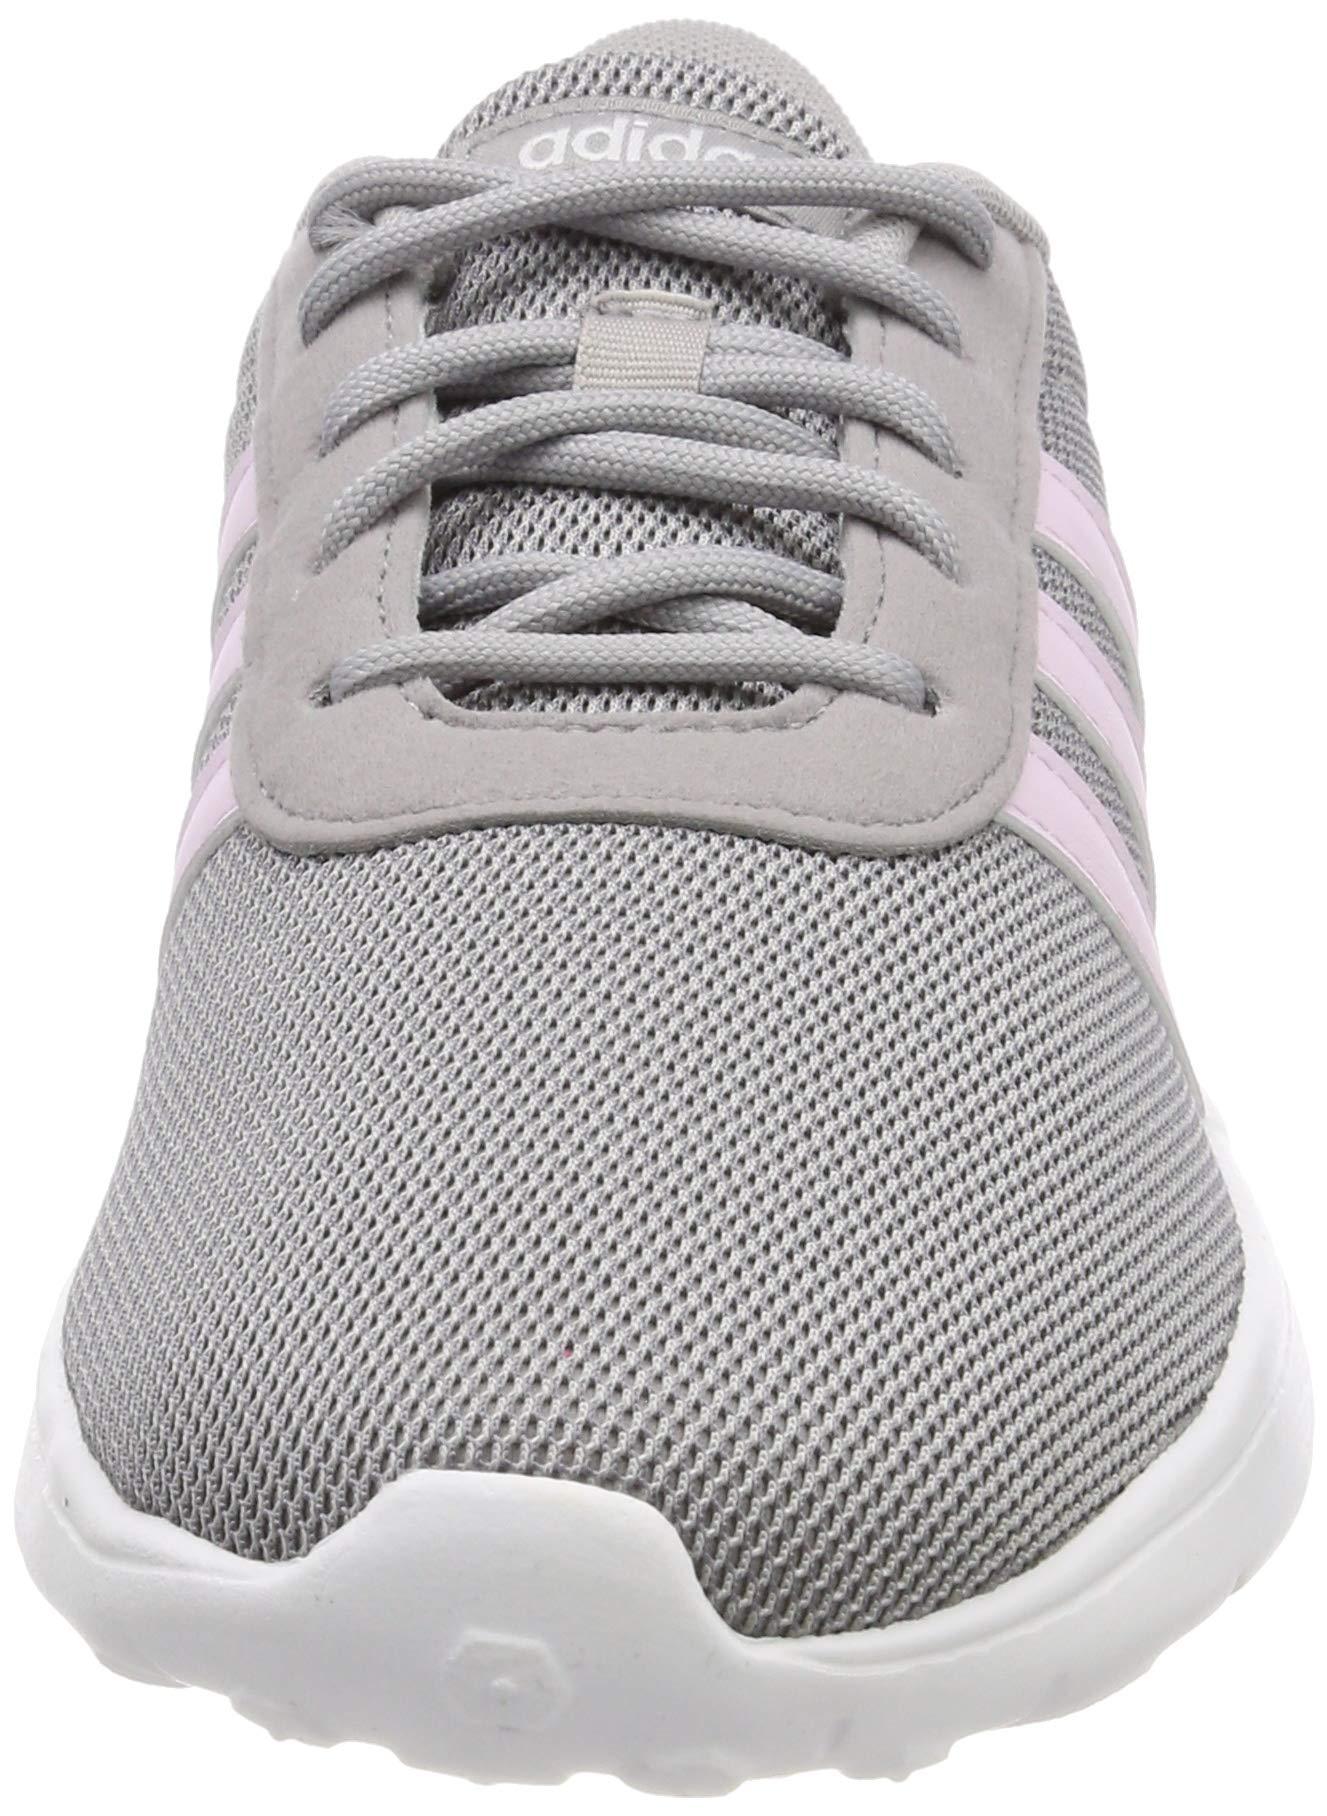 adidas Originals Damen Sneaker G28111 grau 680734: